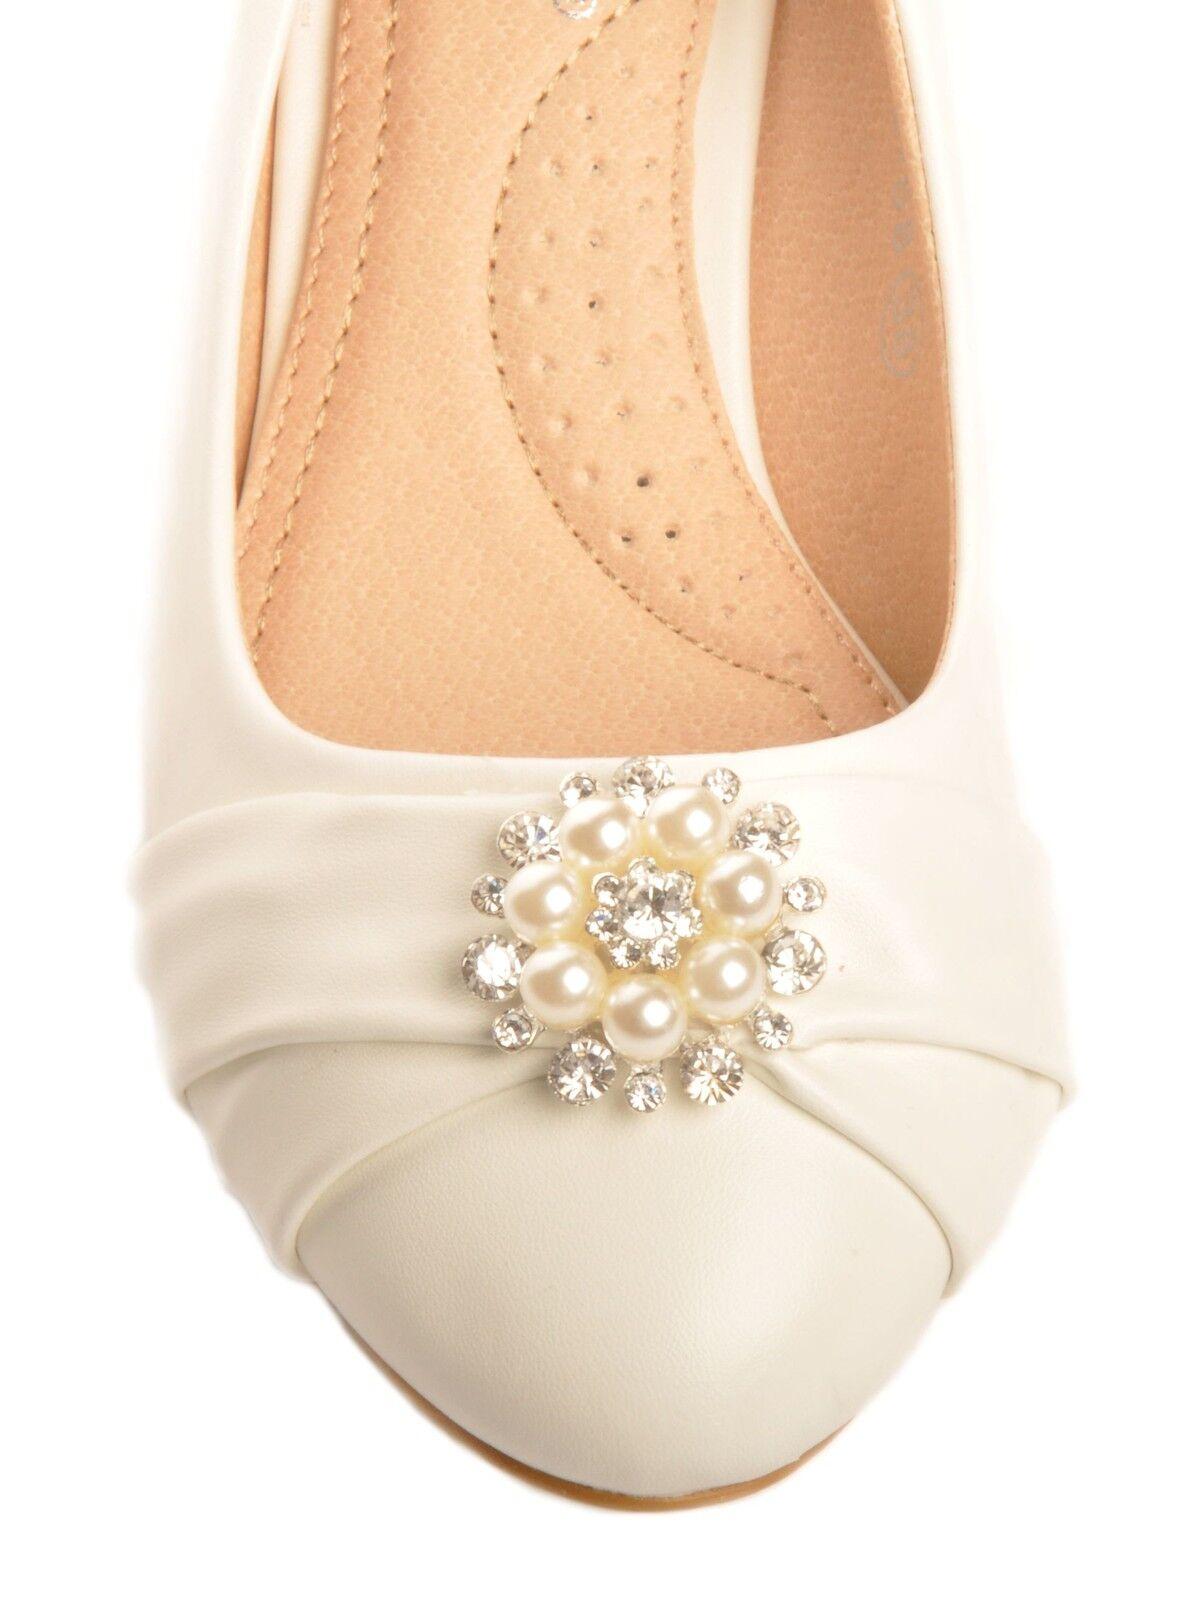 Off White Pearl Diamante Brooch Low Wedge Bridal Wedding Heels